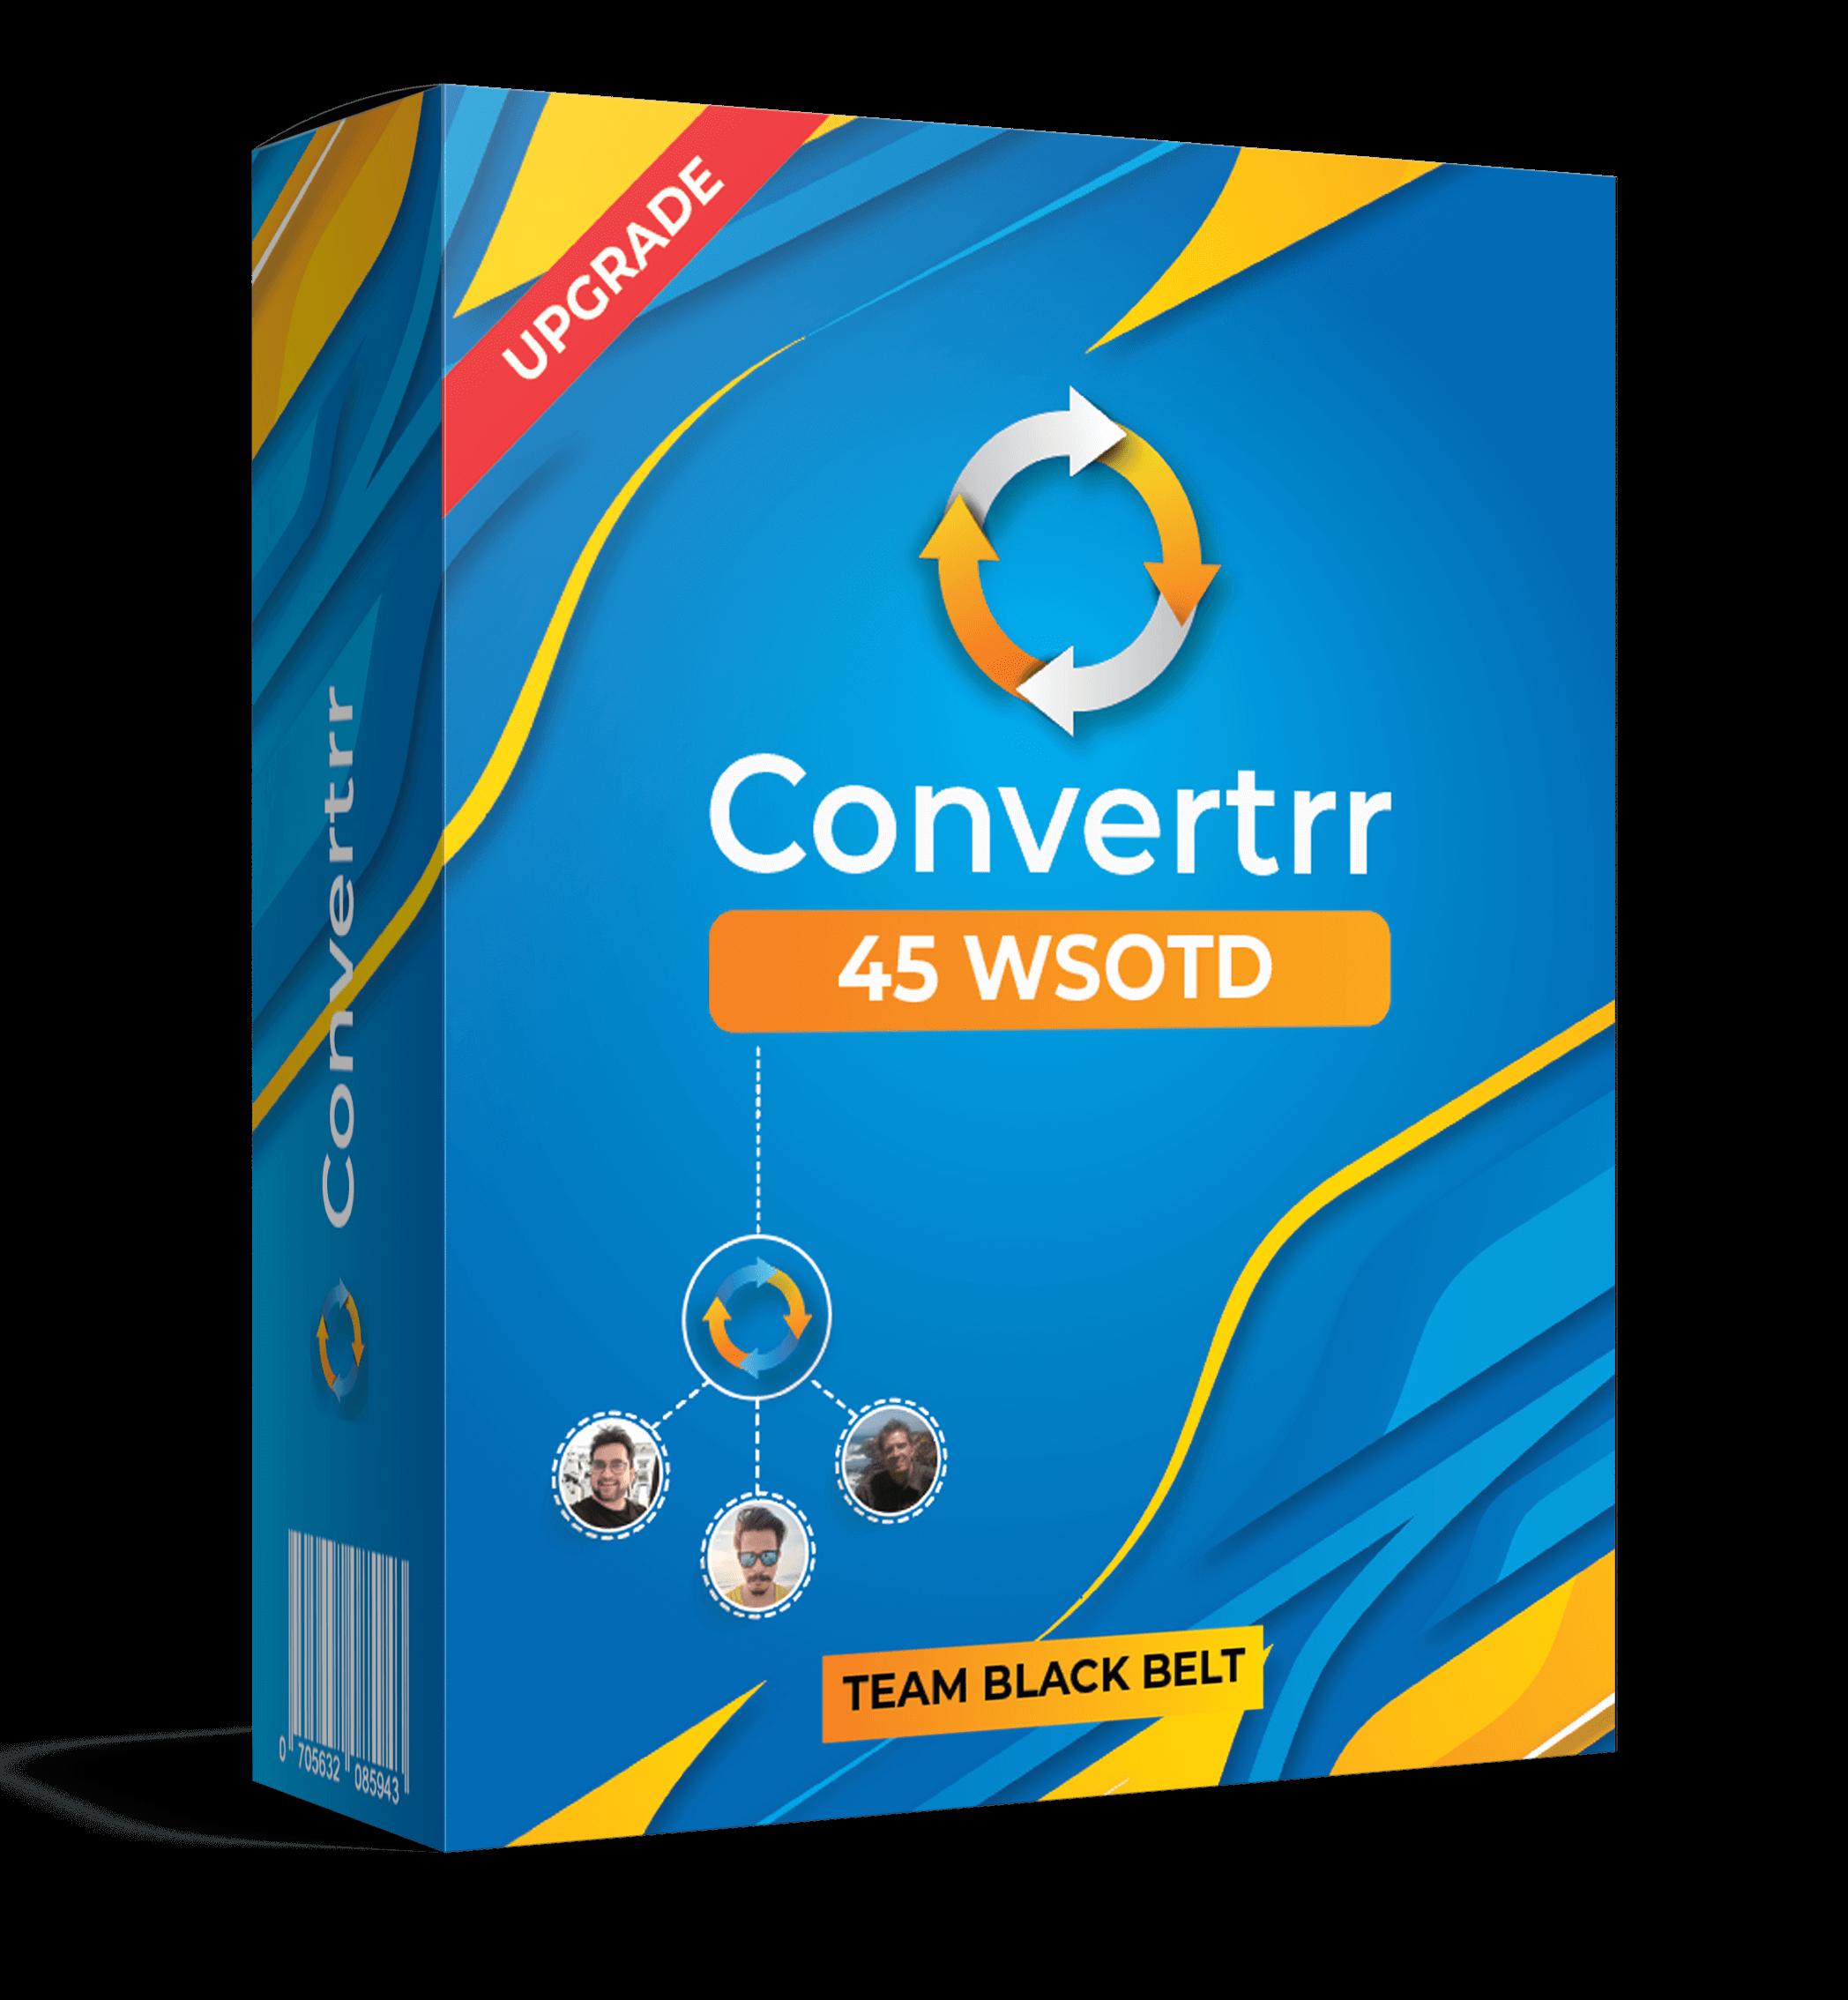 Convertrr-oto-6